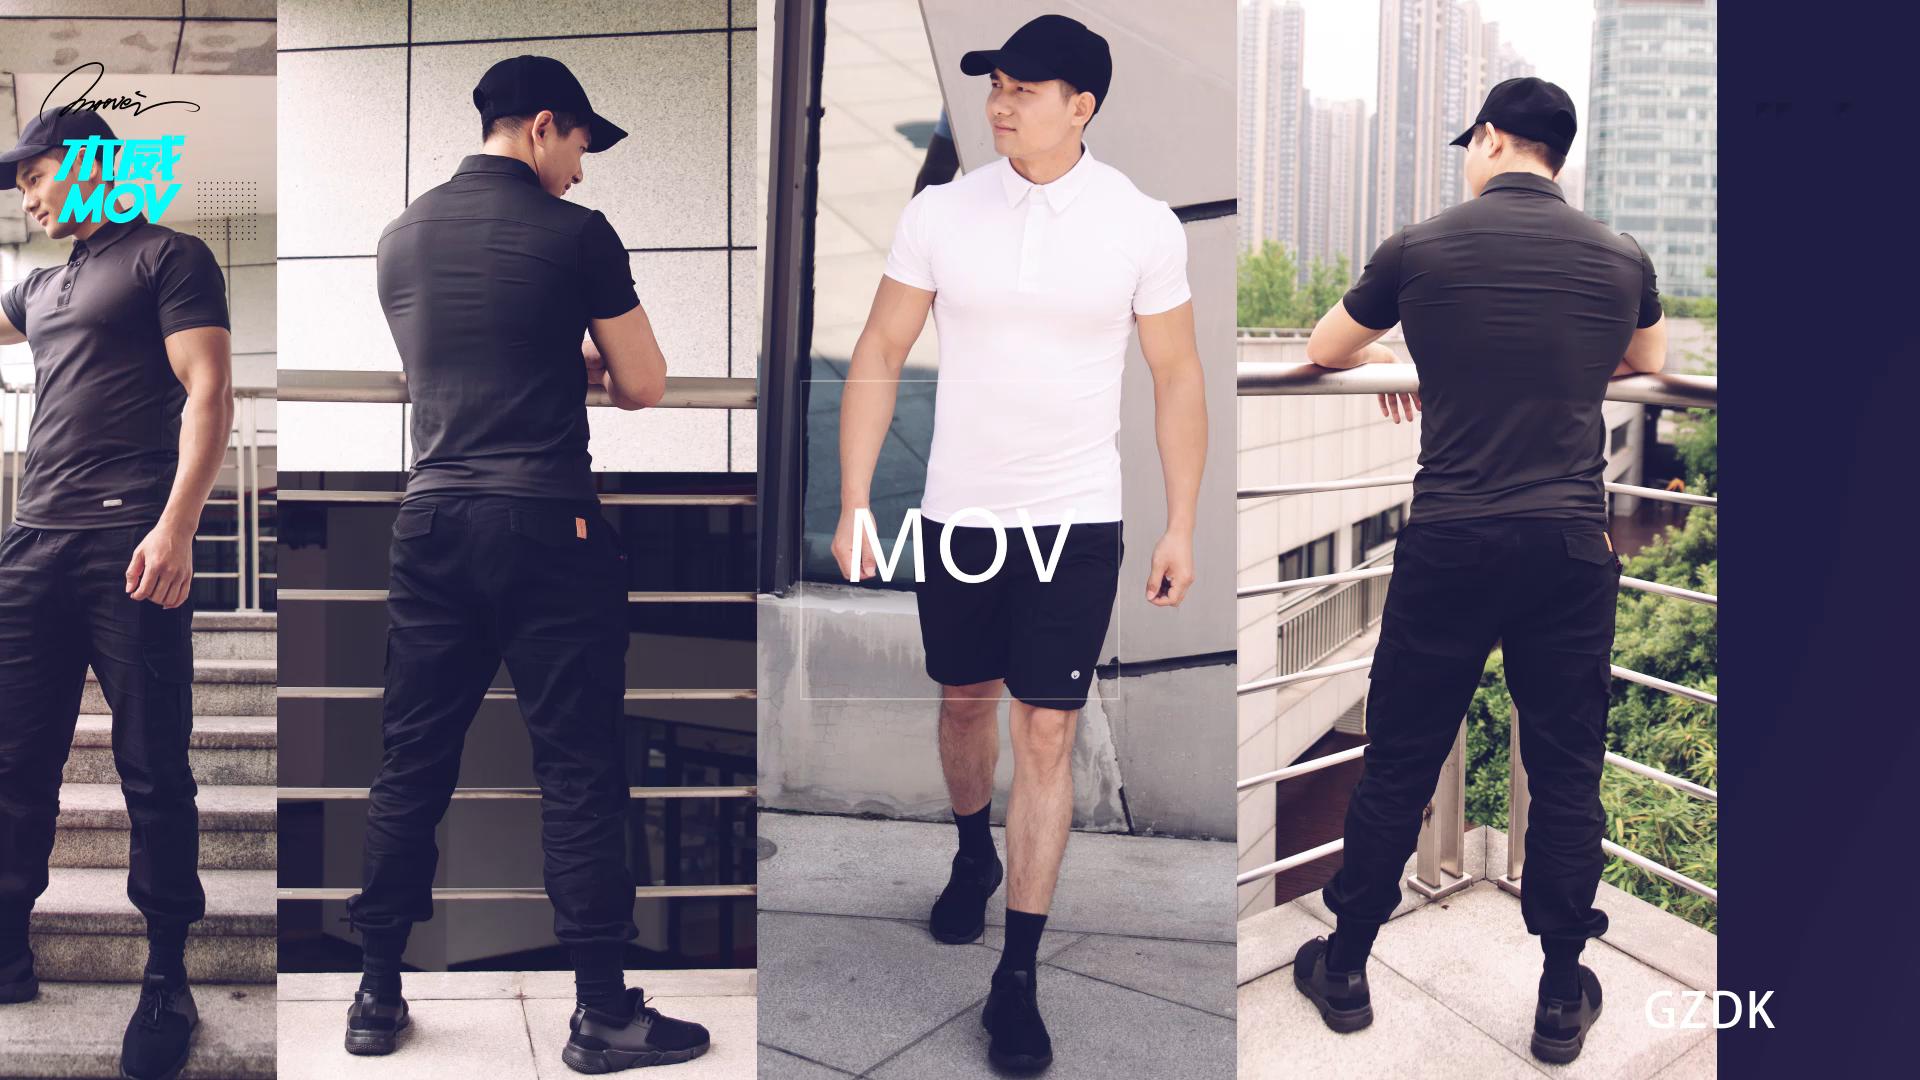 Çin fabrika yüksek kaliteli rahat baskılı özel gömlek özel logo gömlek erkekler Camisa Polo Masculina